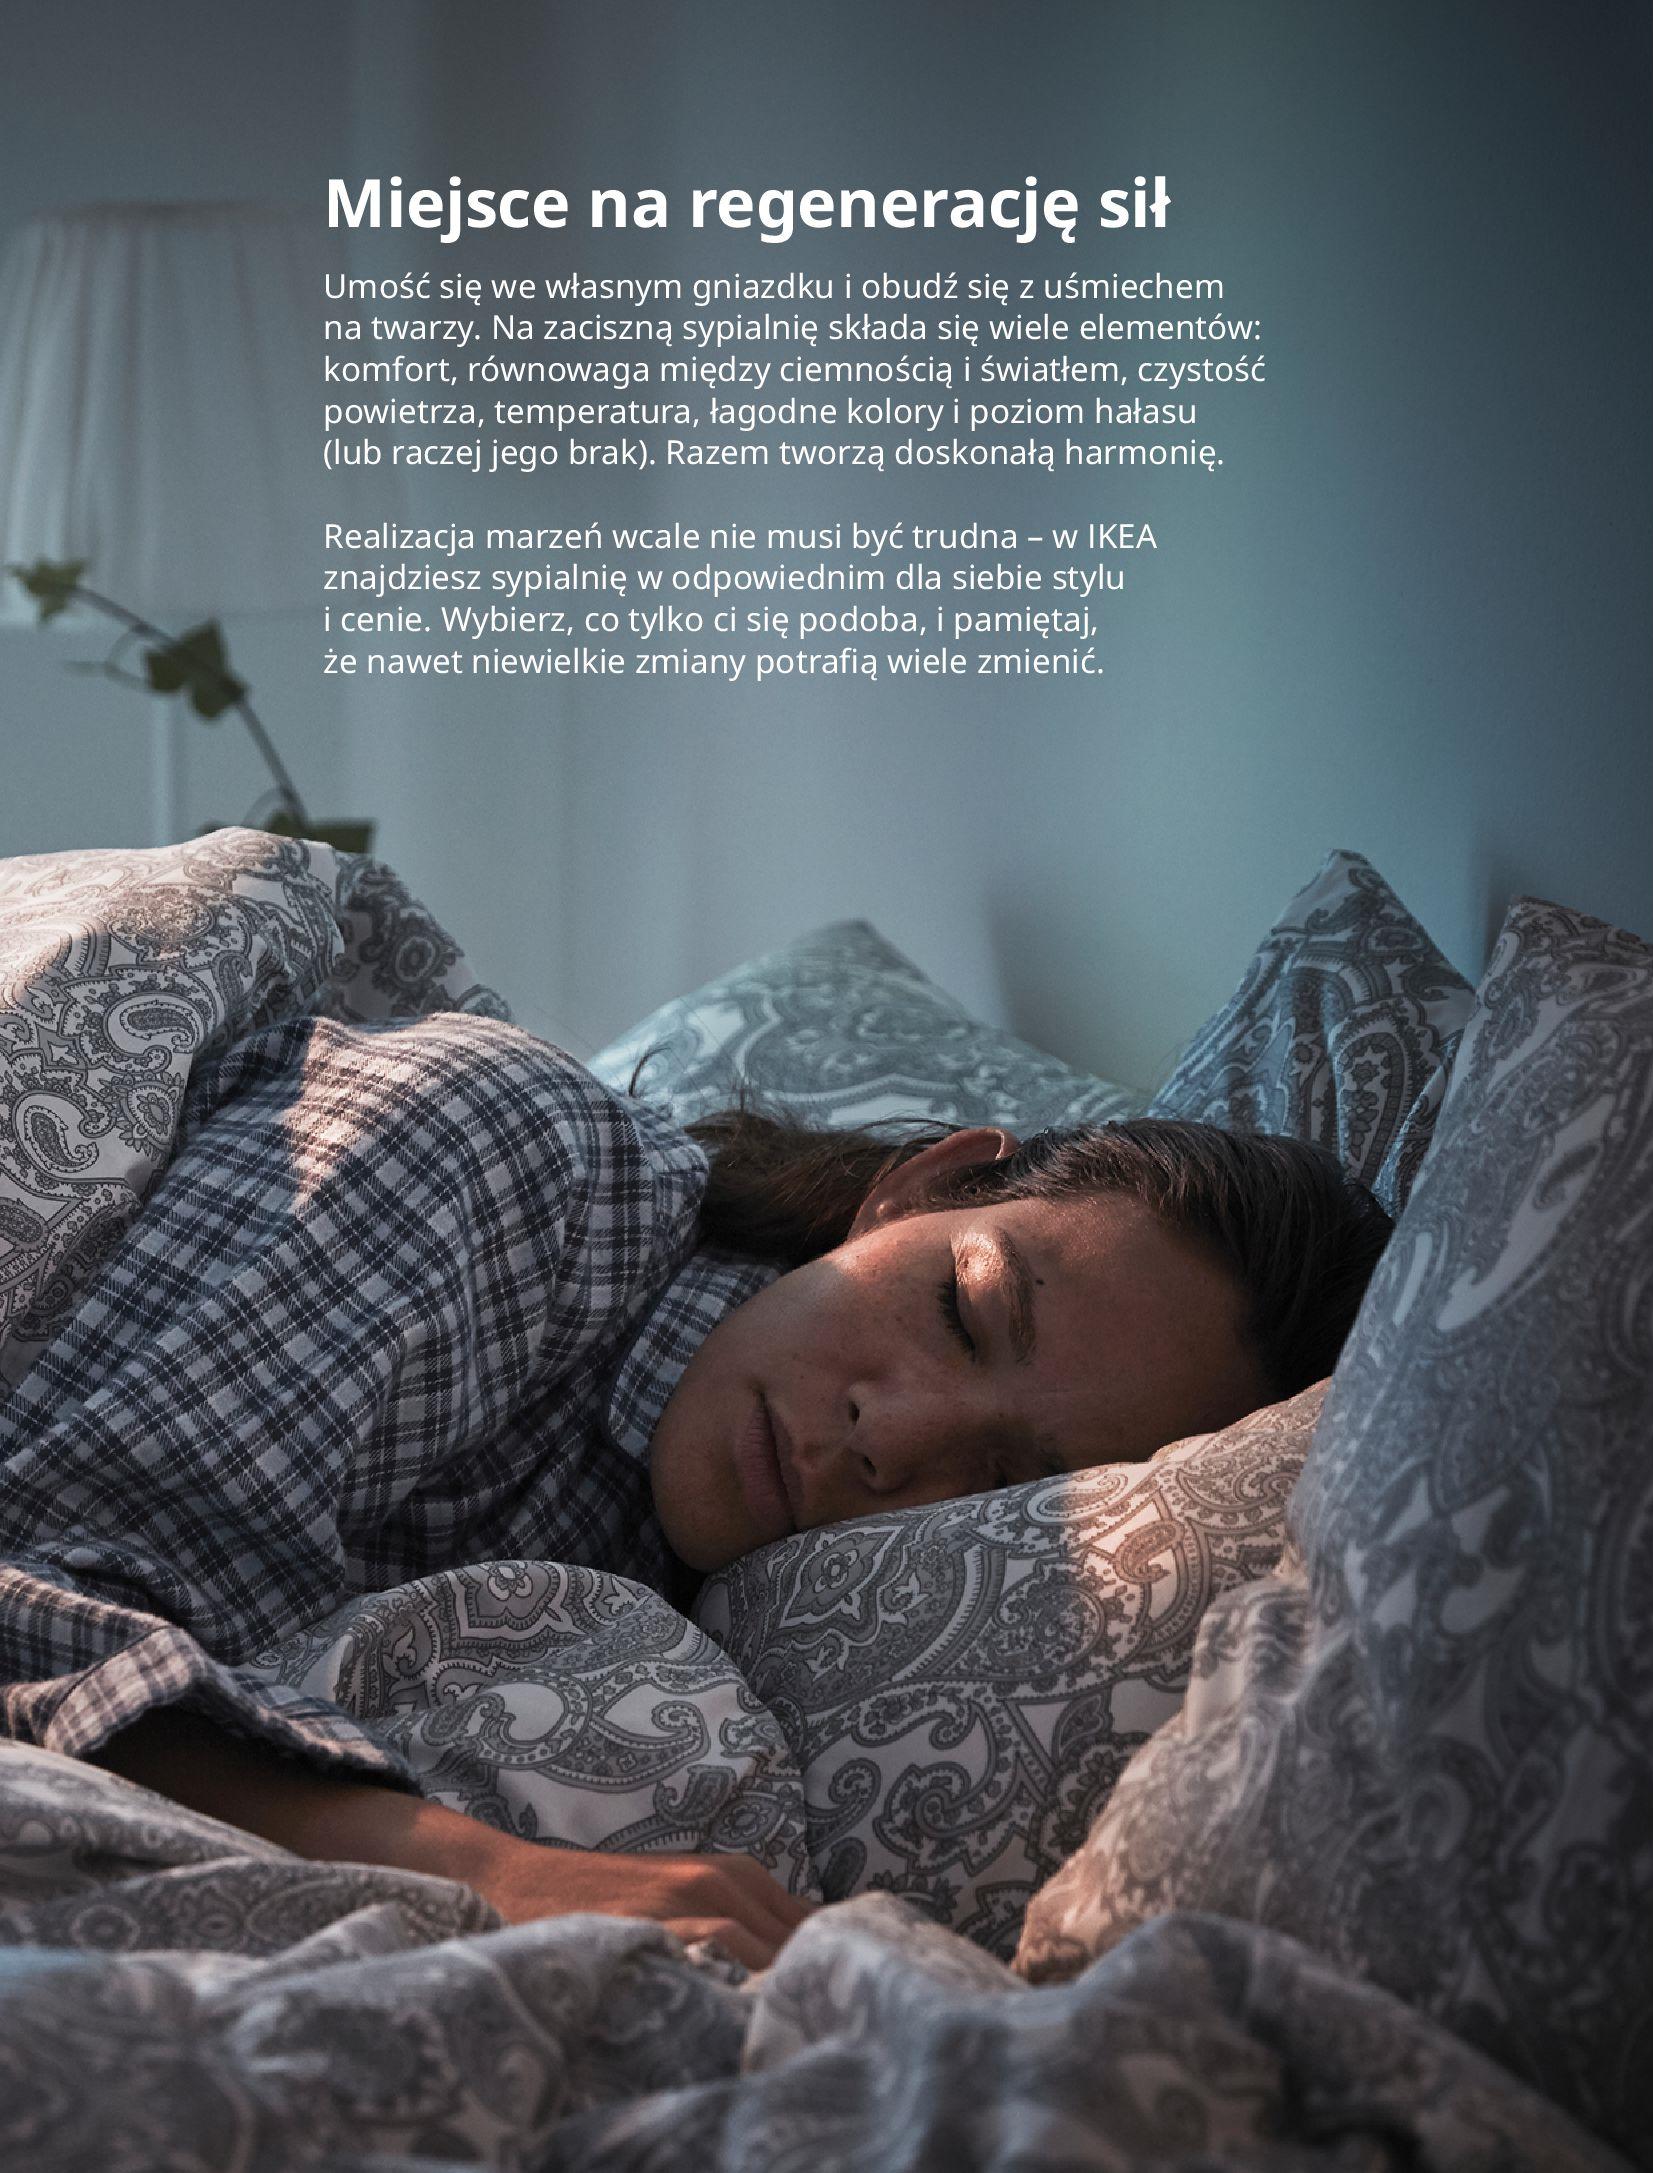 Gazetka IKEA: SYPIALNIA 2021 2021-01-13 page-2